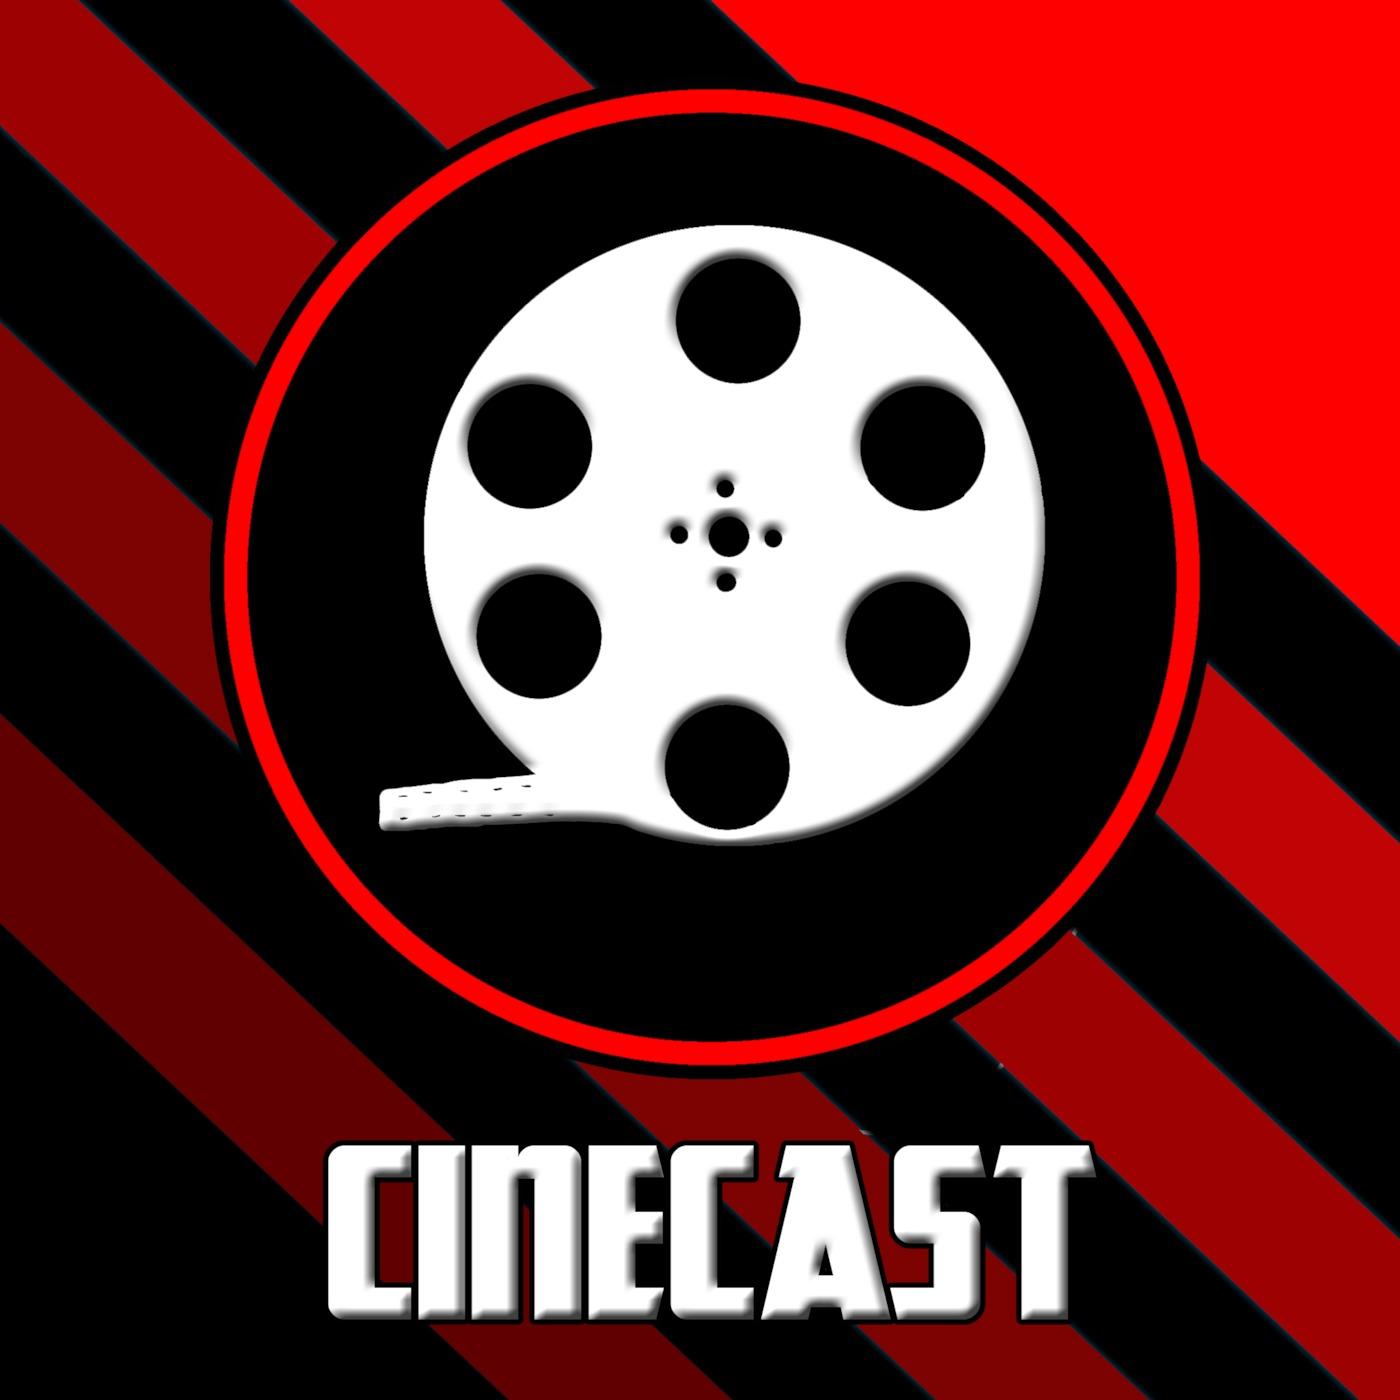 NerdEXP: Cinecast